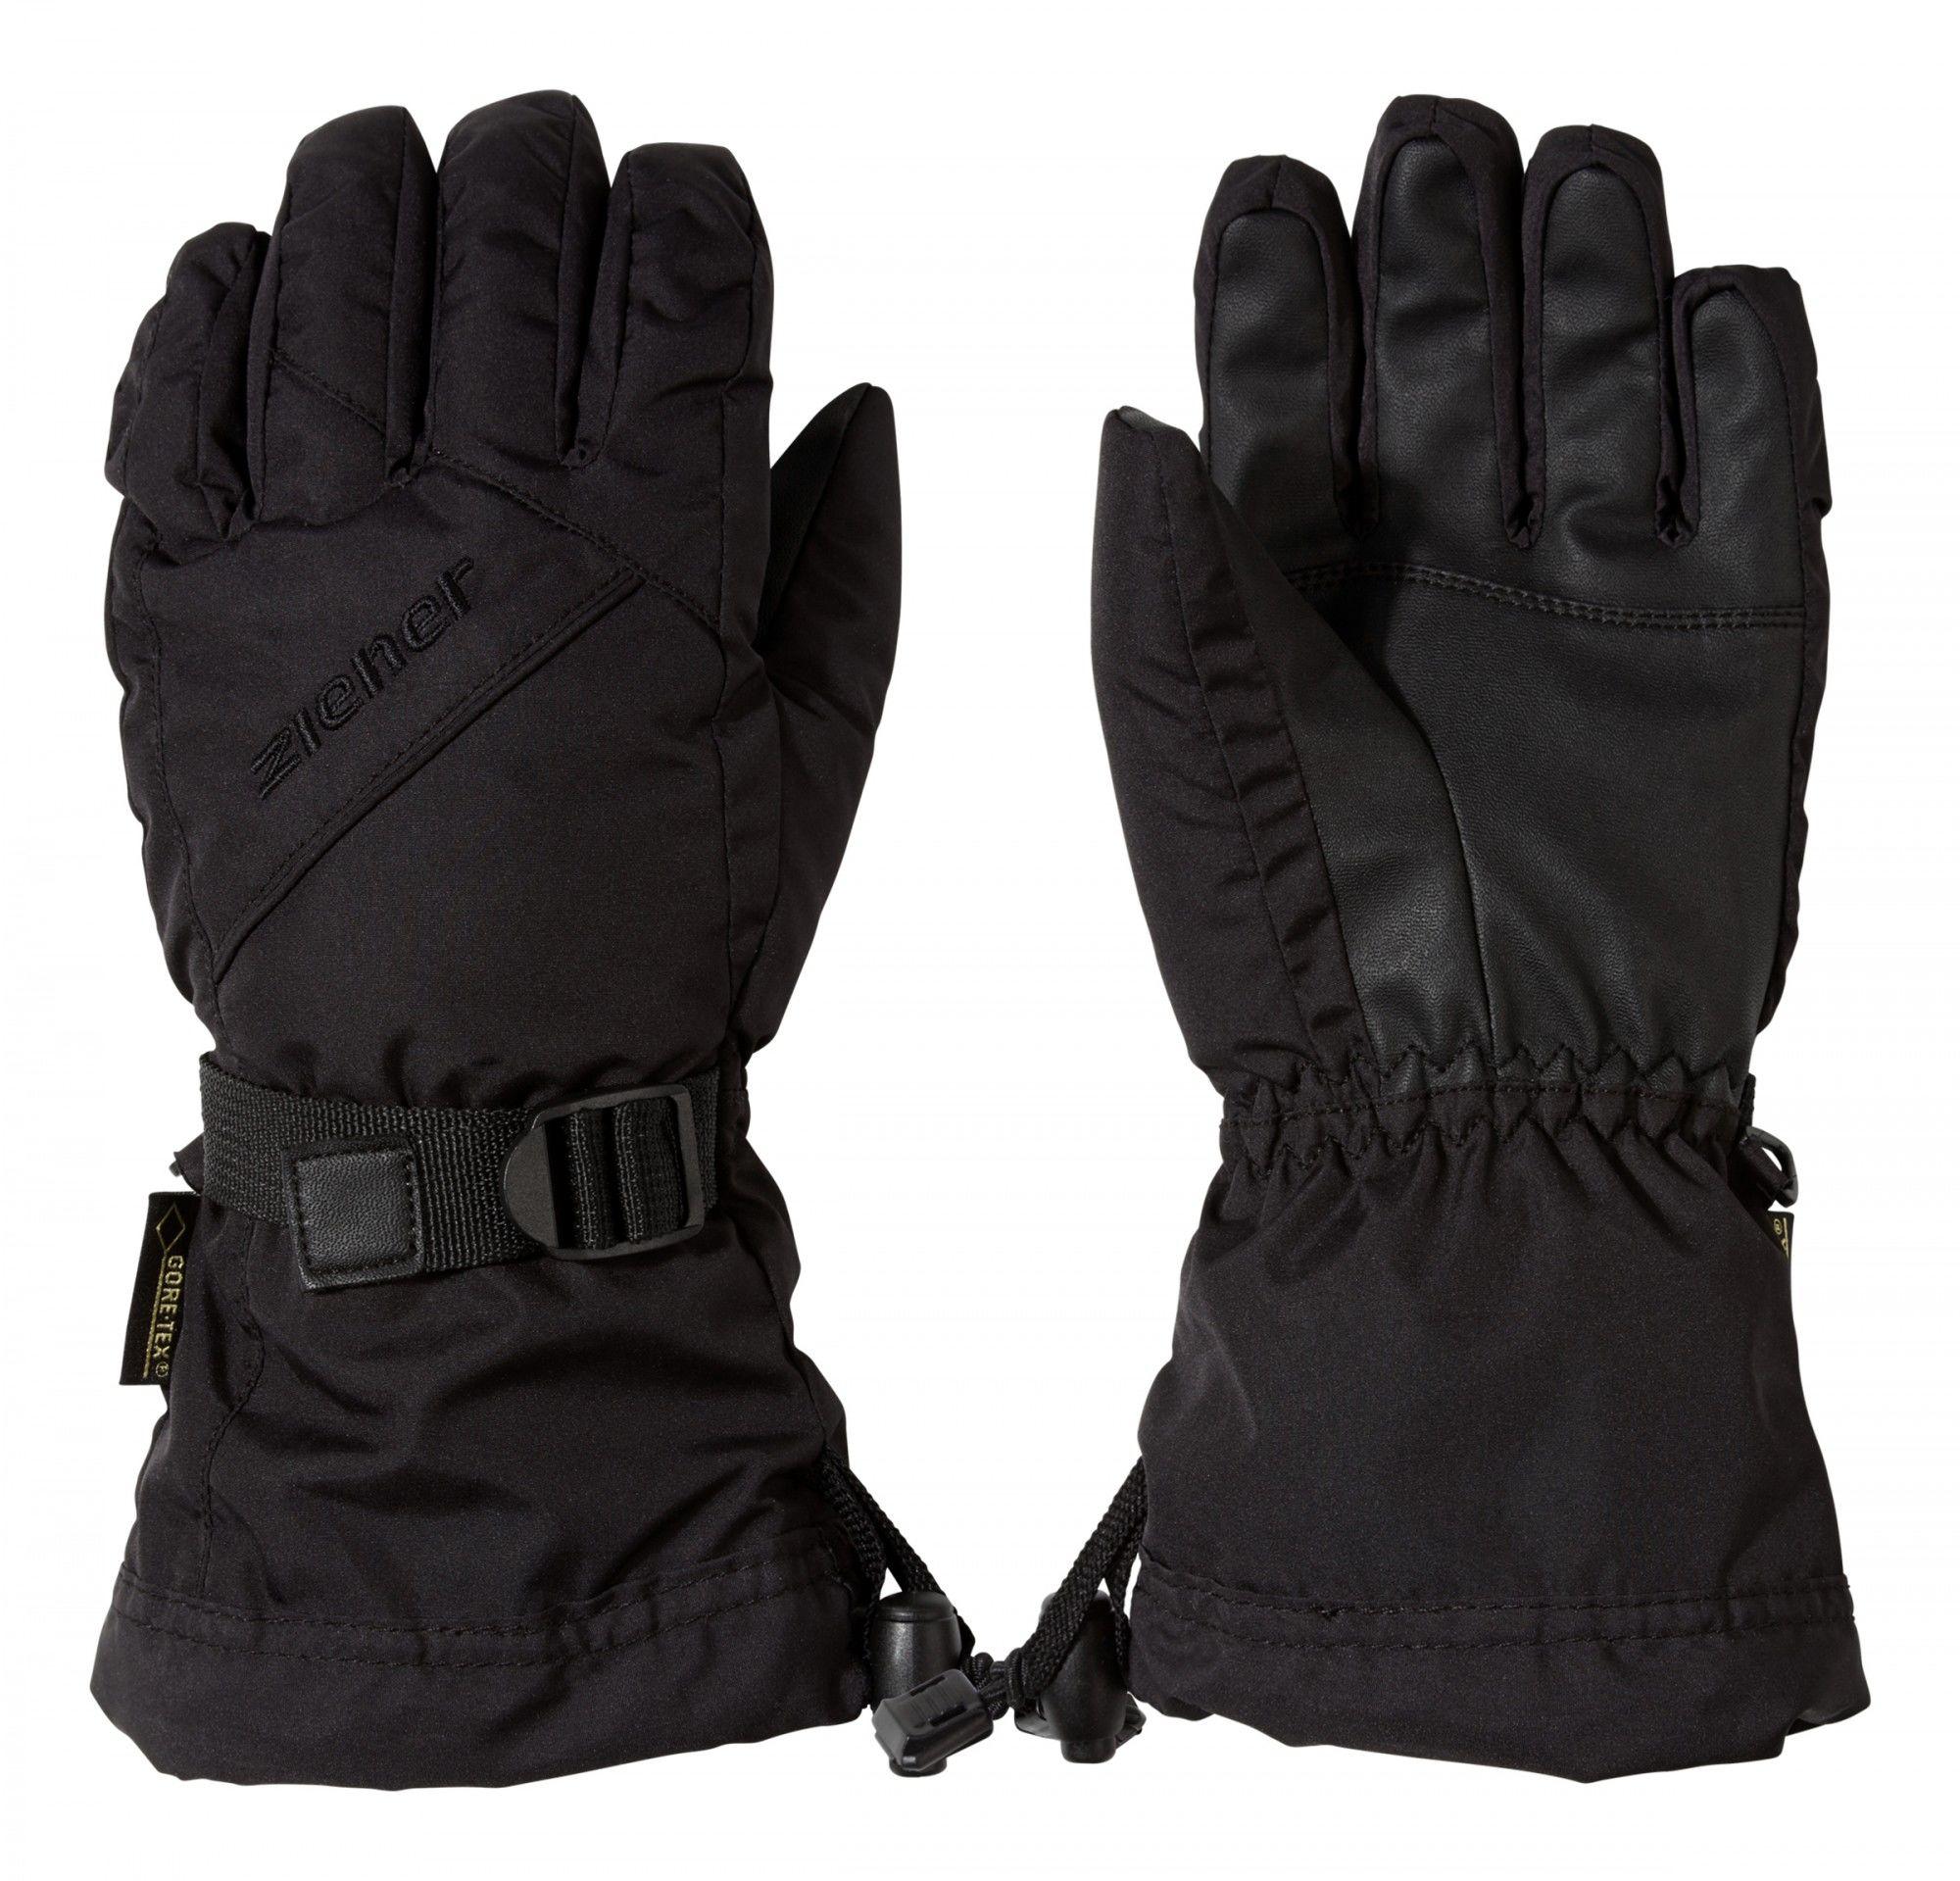 Ziener Junior Lowis Gtx® | Größe 7.0 | Kinder Fingerhandschuh